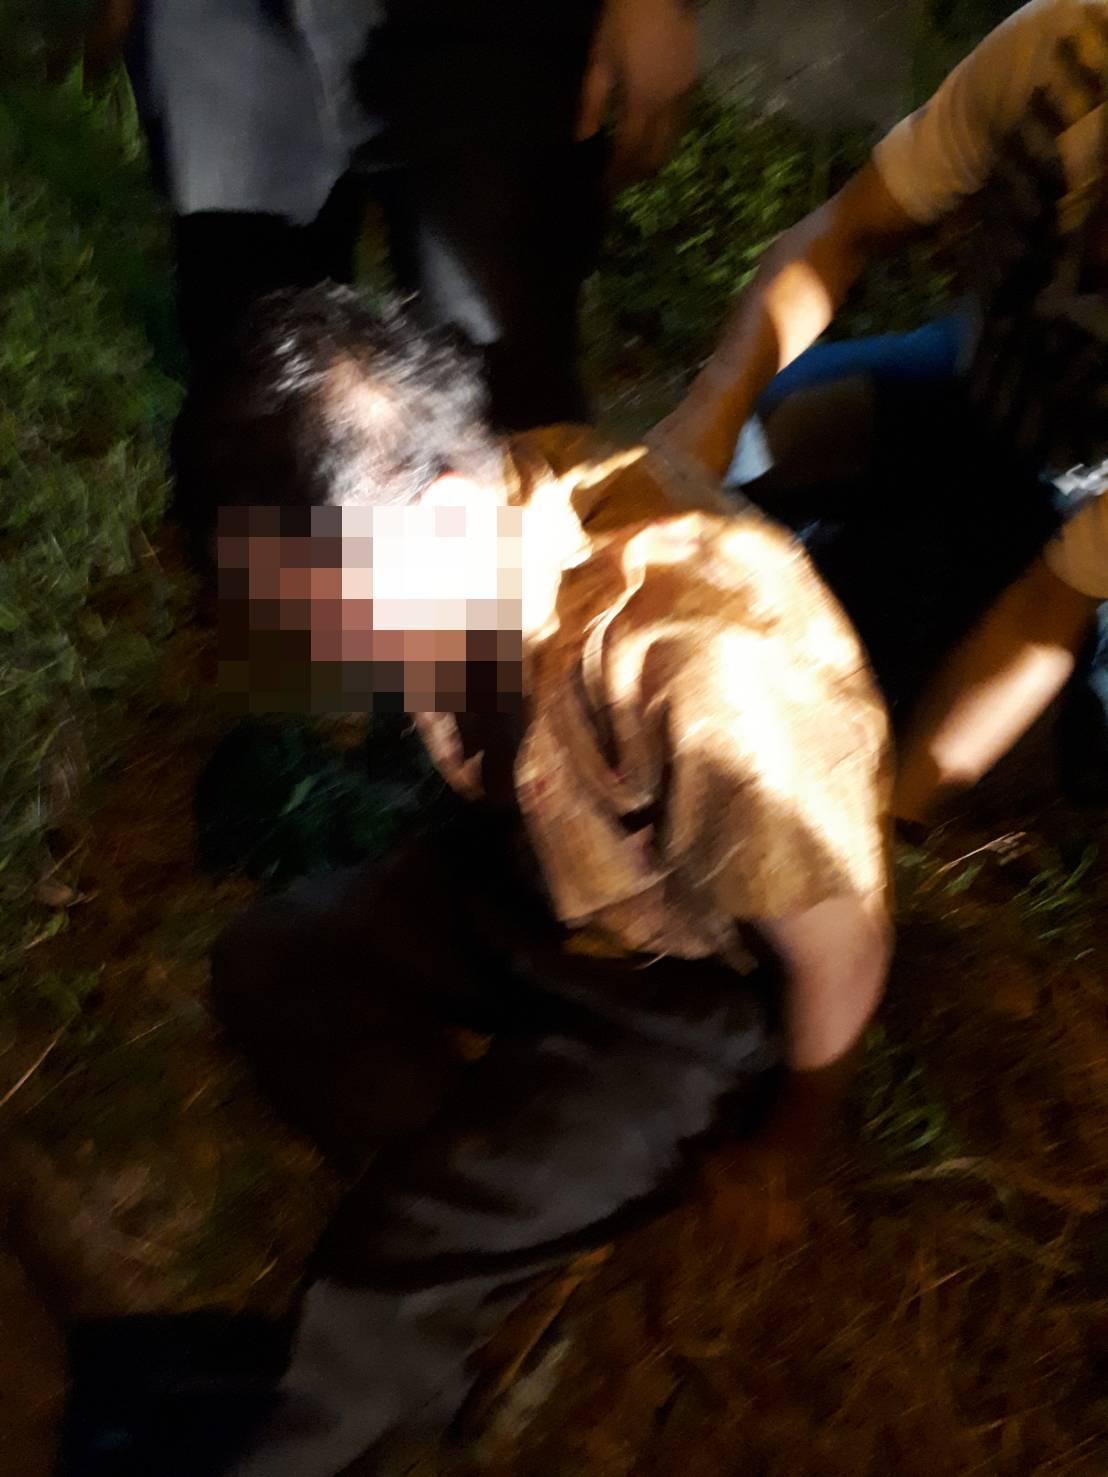 警方在斗南交流道下,將陳嫌壓制逮捕。記者卜敏正/翻攝